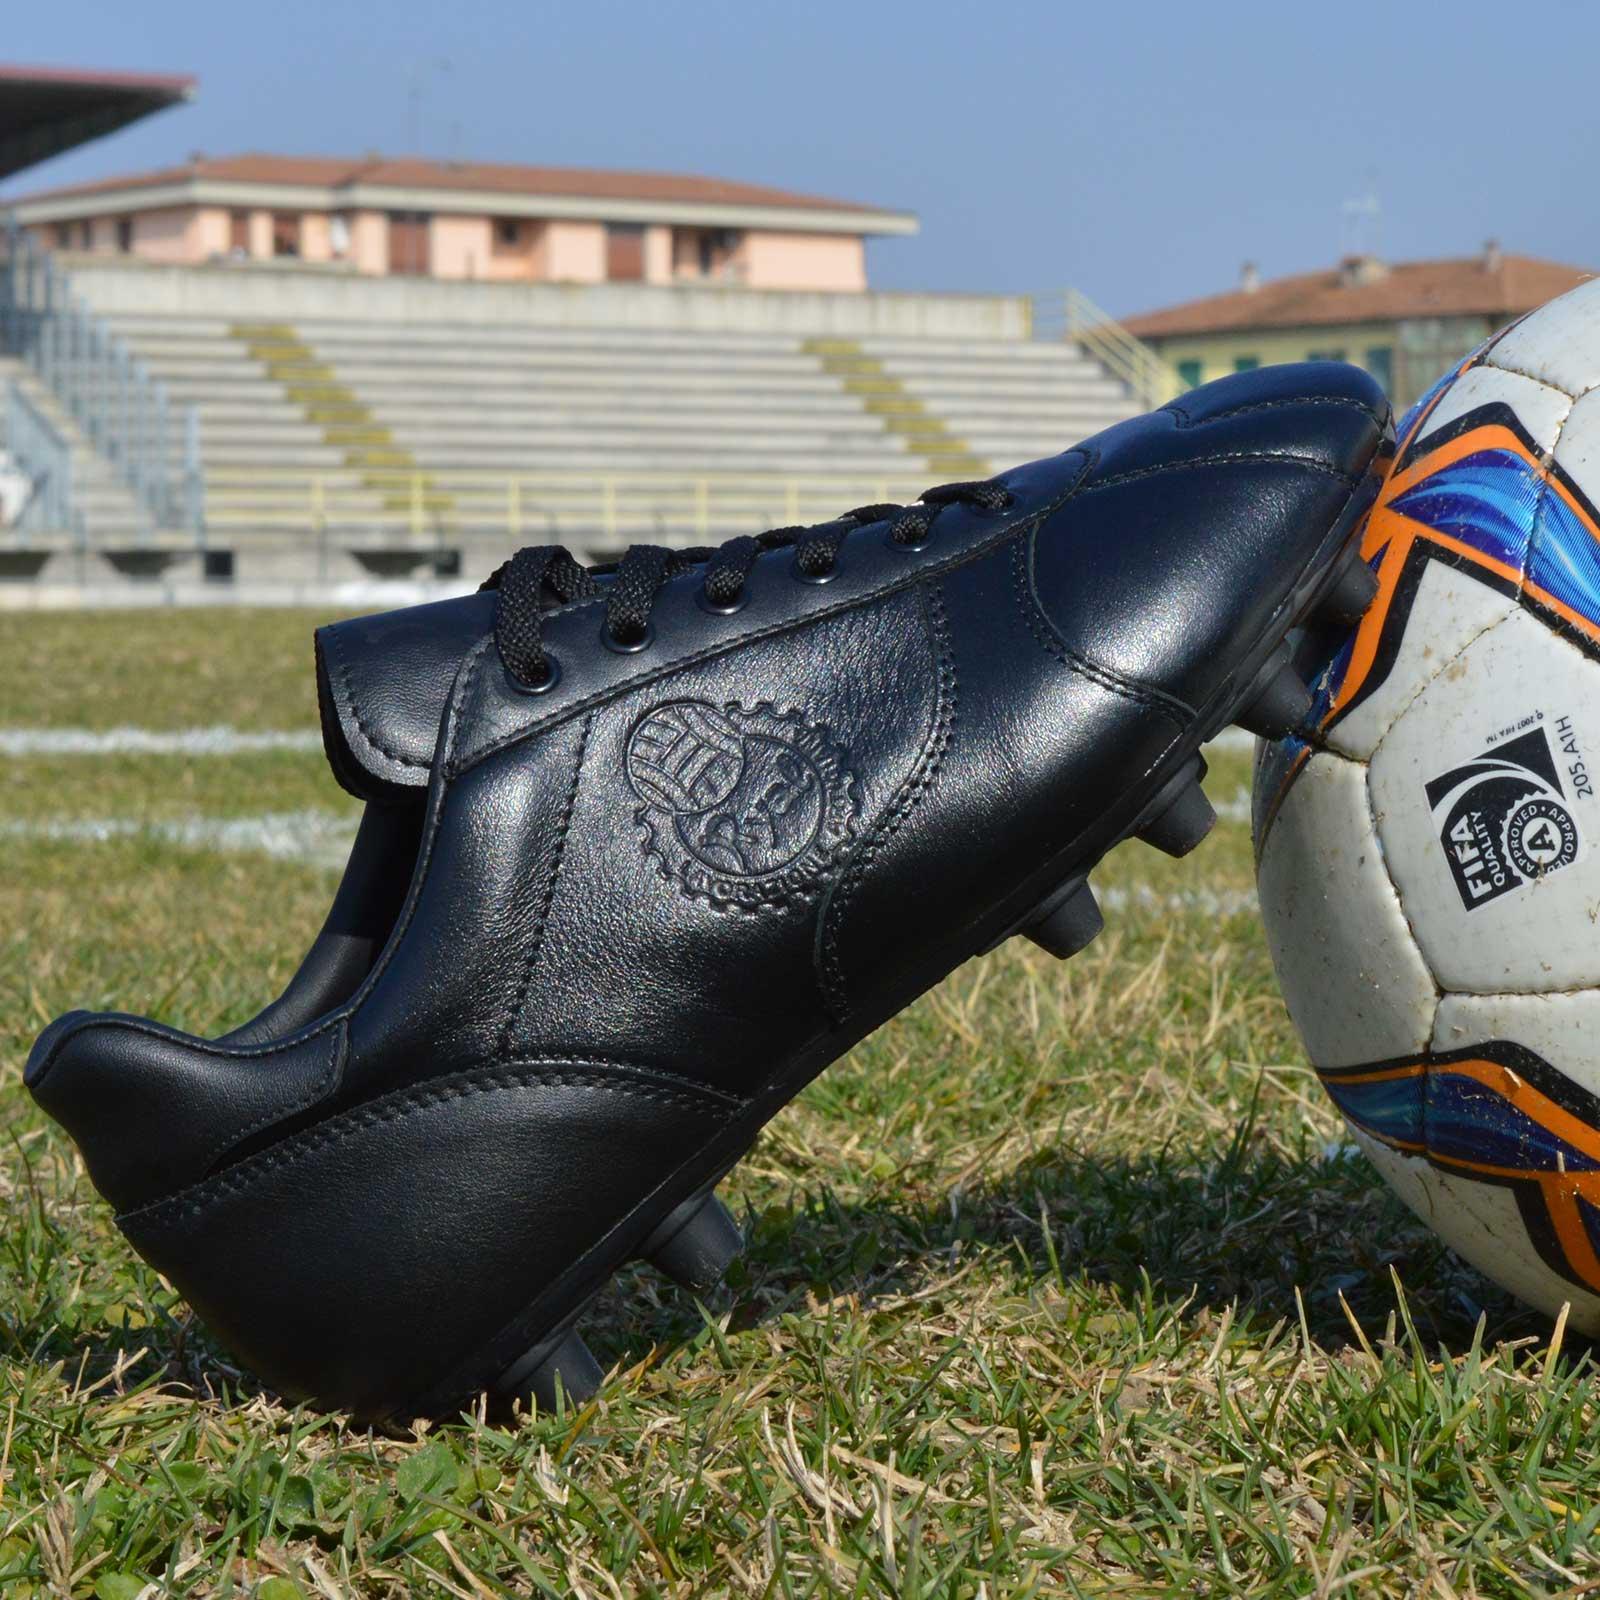 negozio online scarpe esclusive design raffinato La Storia TOP FG - Ryal-Shop